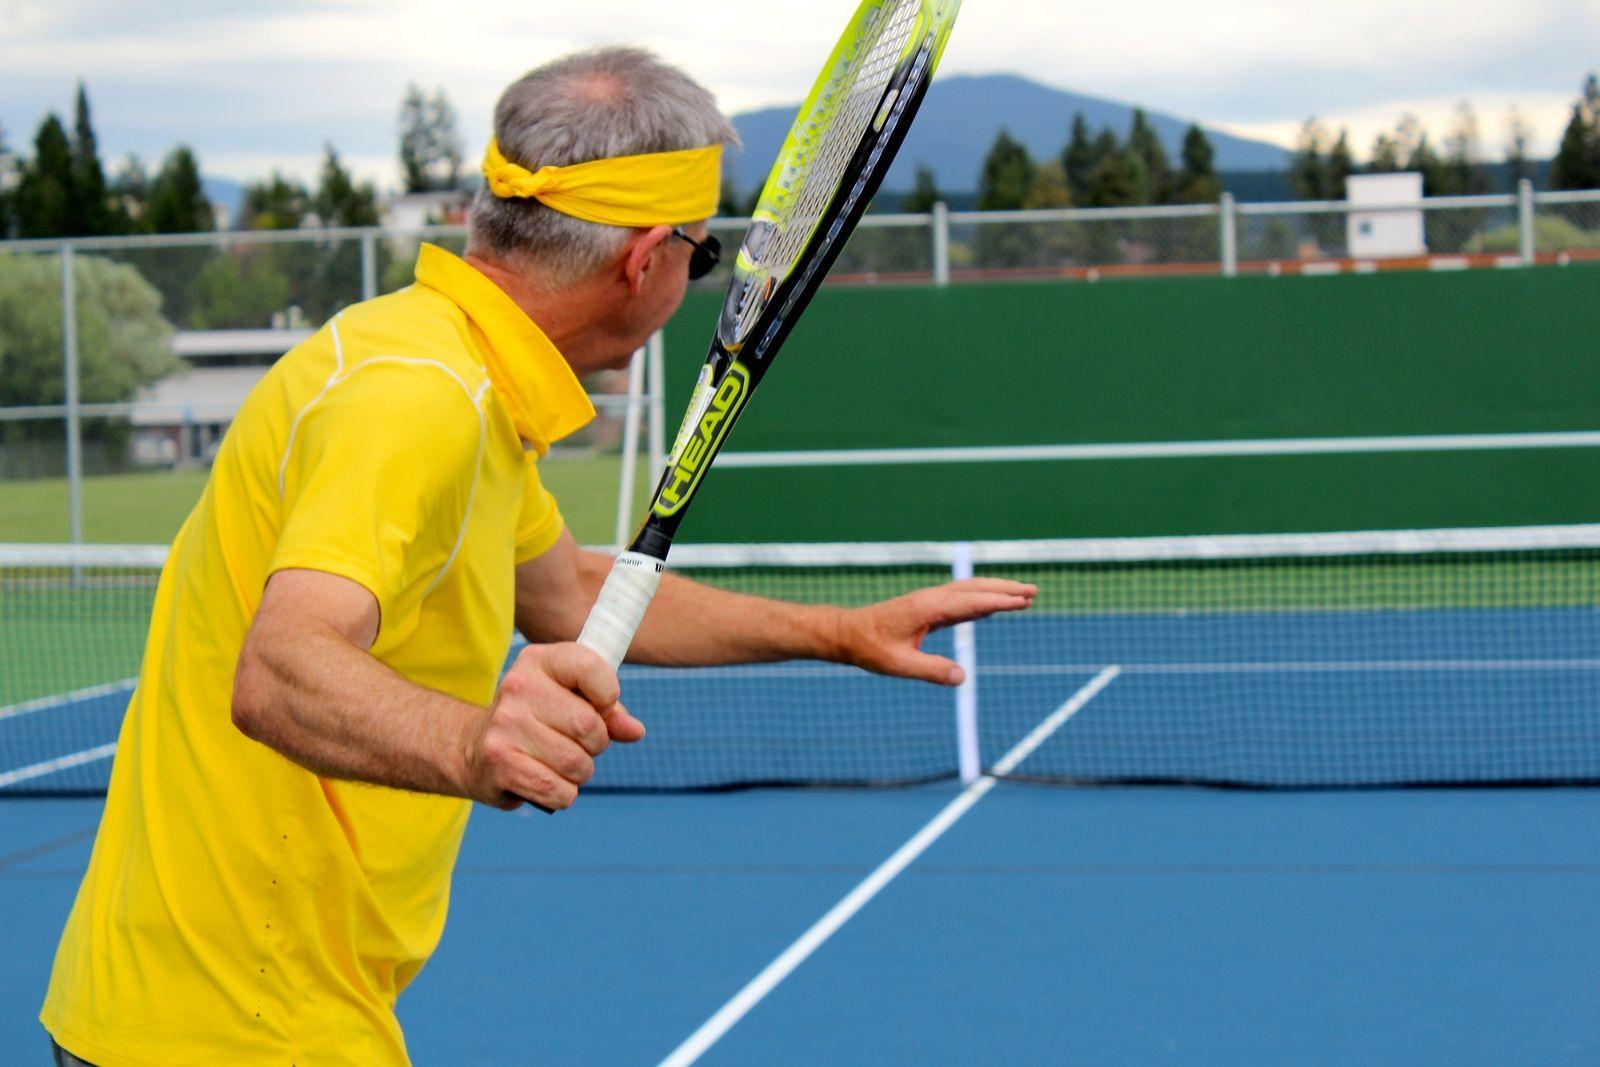 tennis-tourist-cranbrook-mt-baker-school-tennis-courts-tennis-player-teri-church